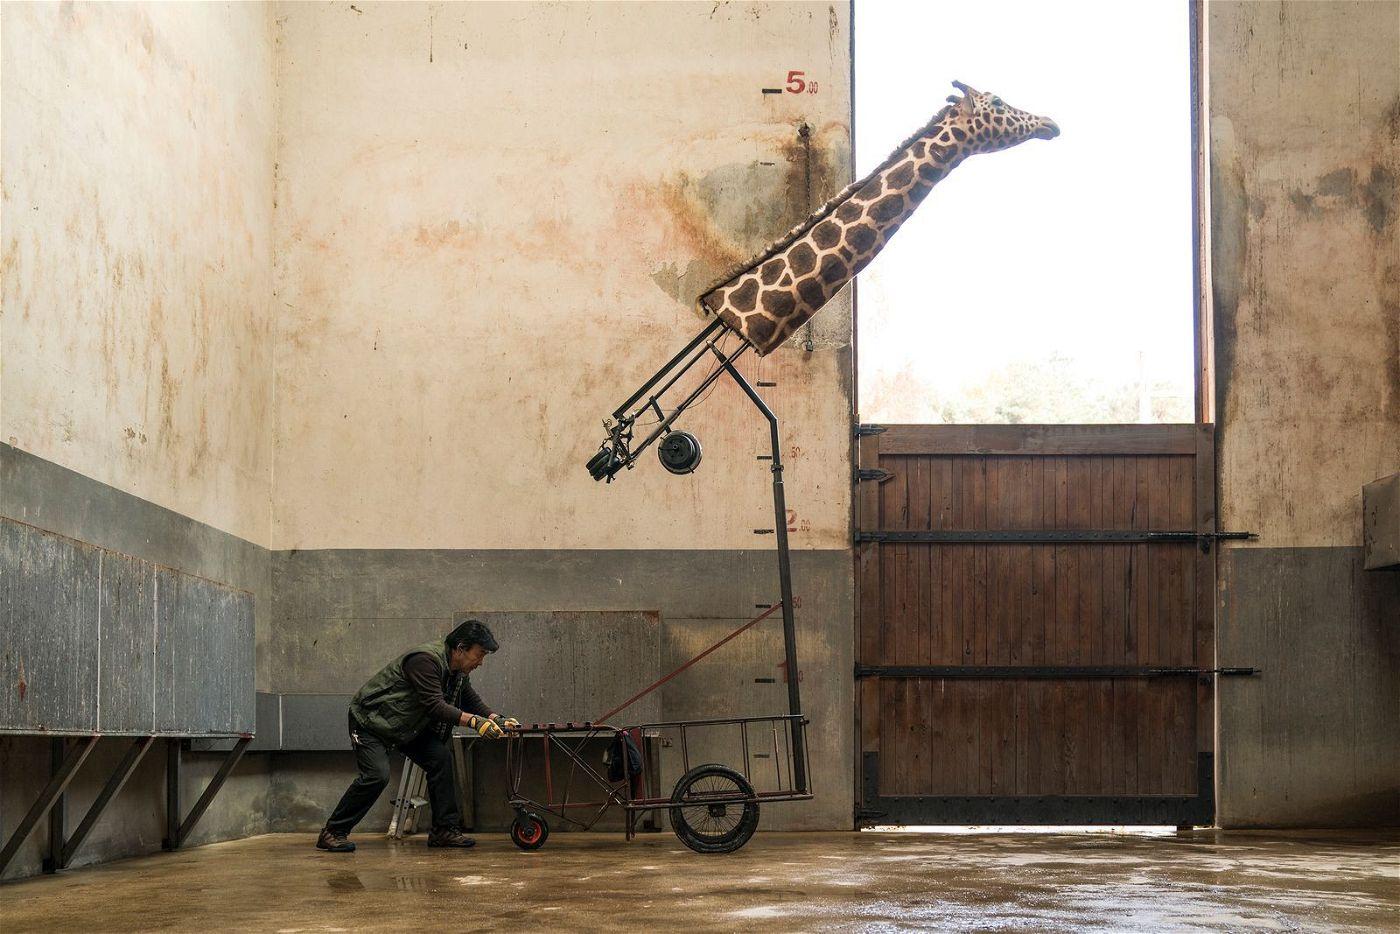 Ein Zoo ohne Giraffe? Undenkbar! Also wird improvisiert.